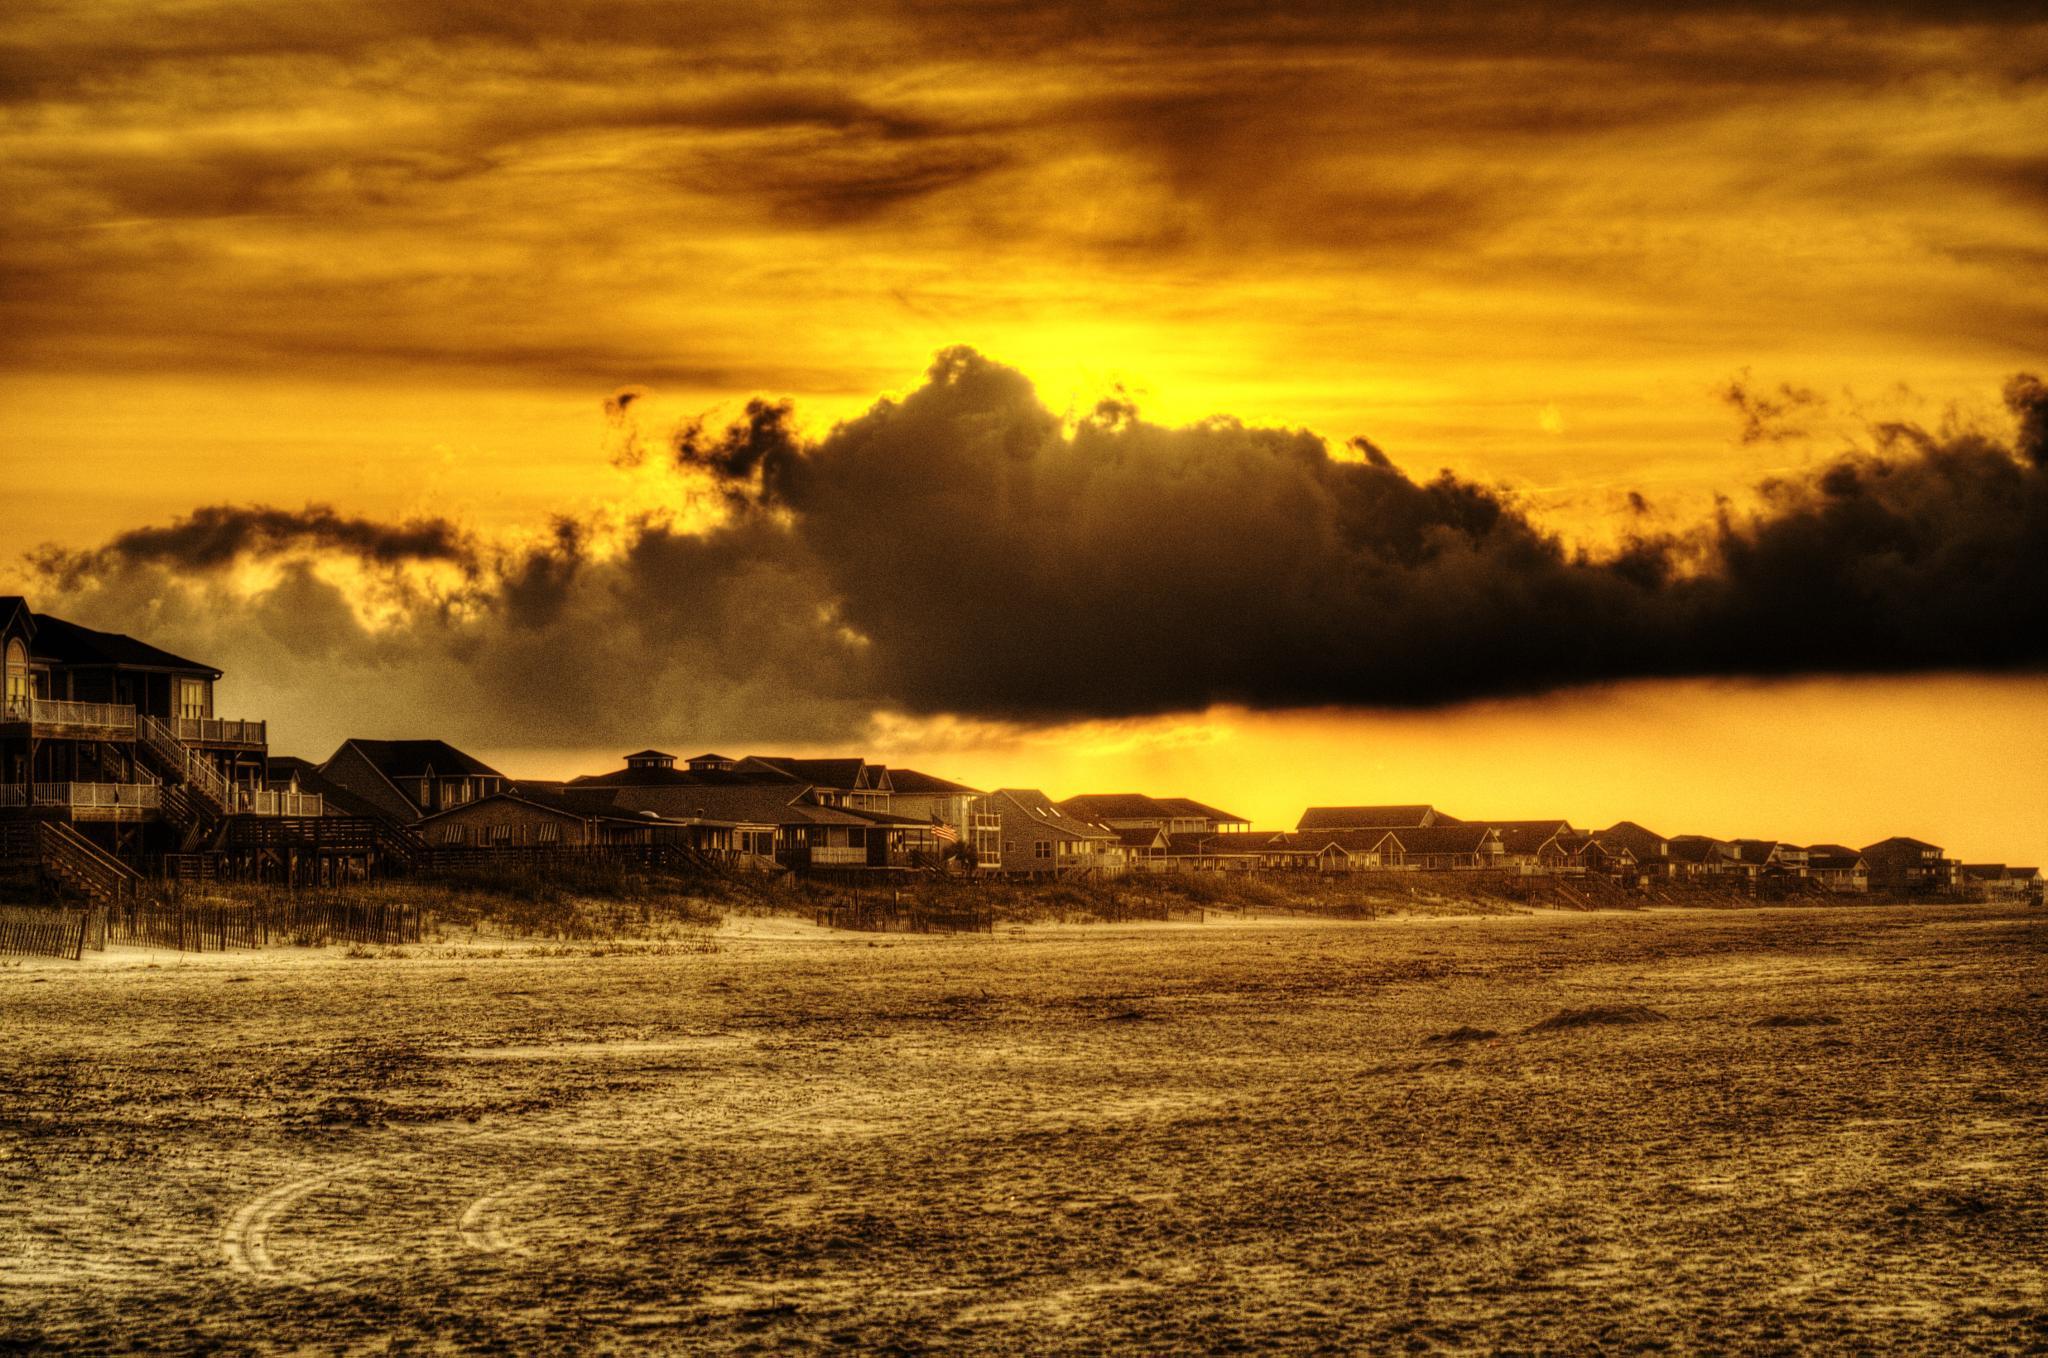 Sunrise over Beach Houses by Brett Richardson